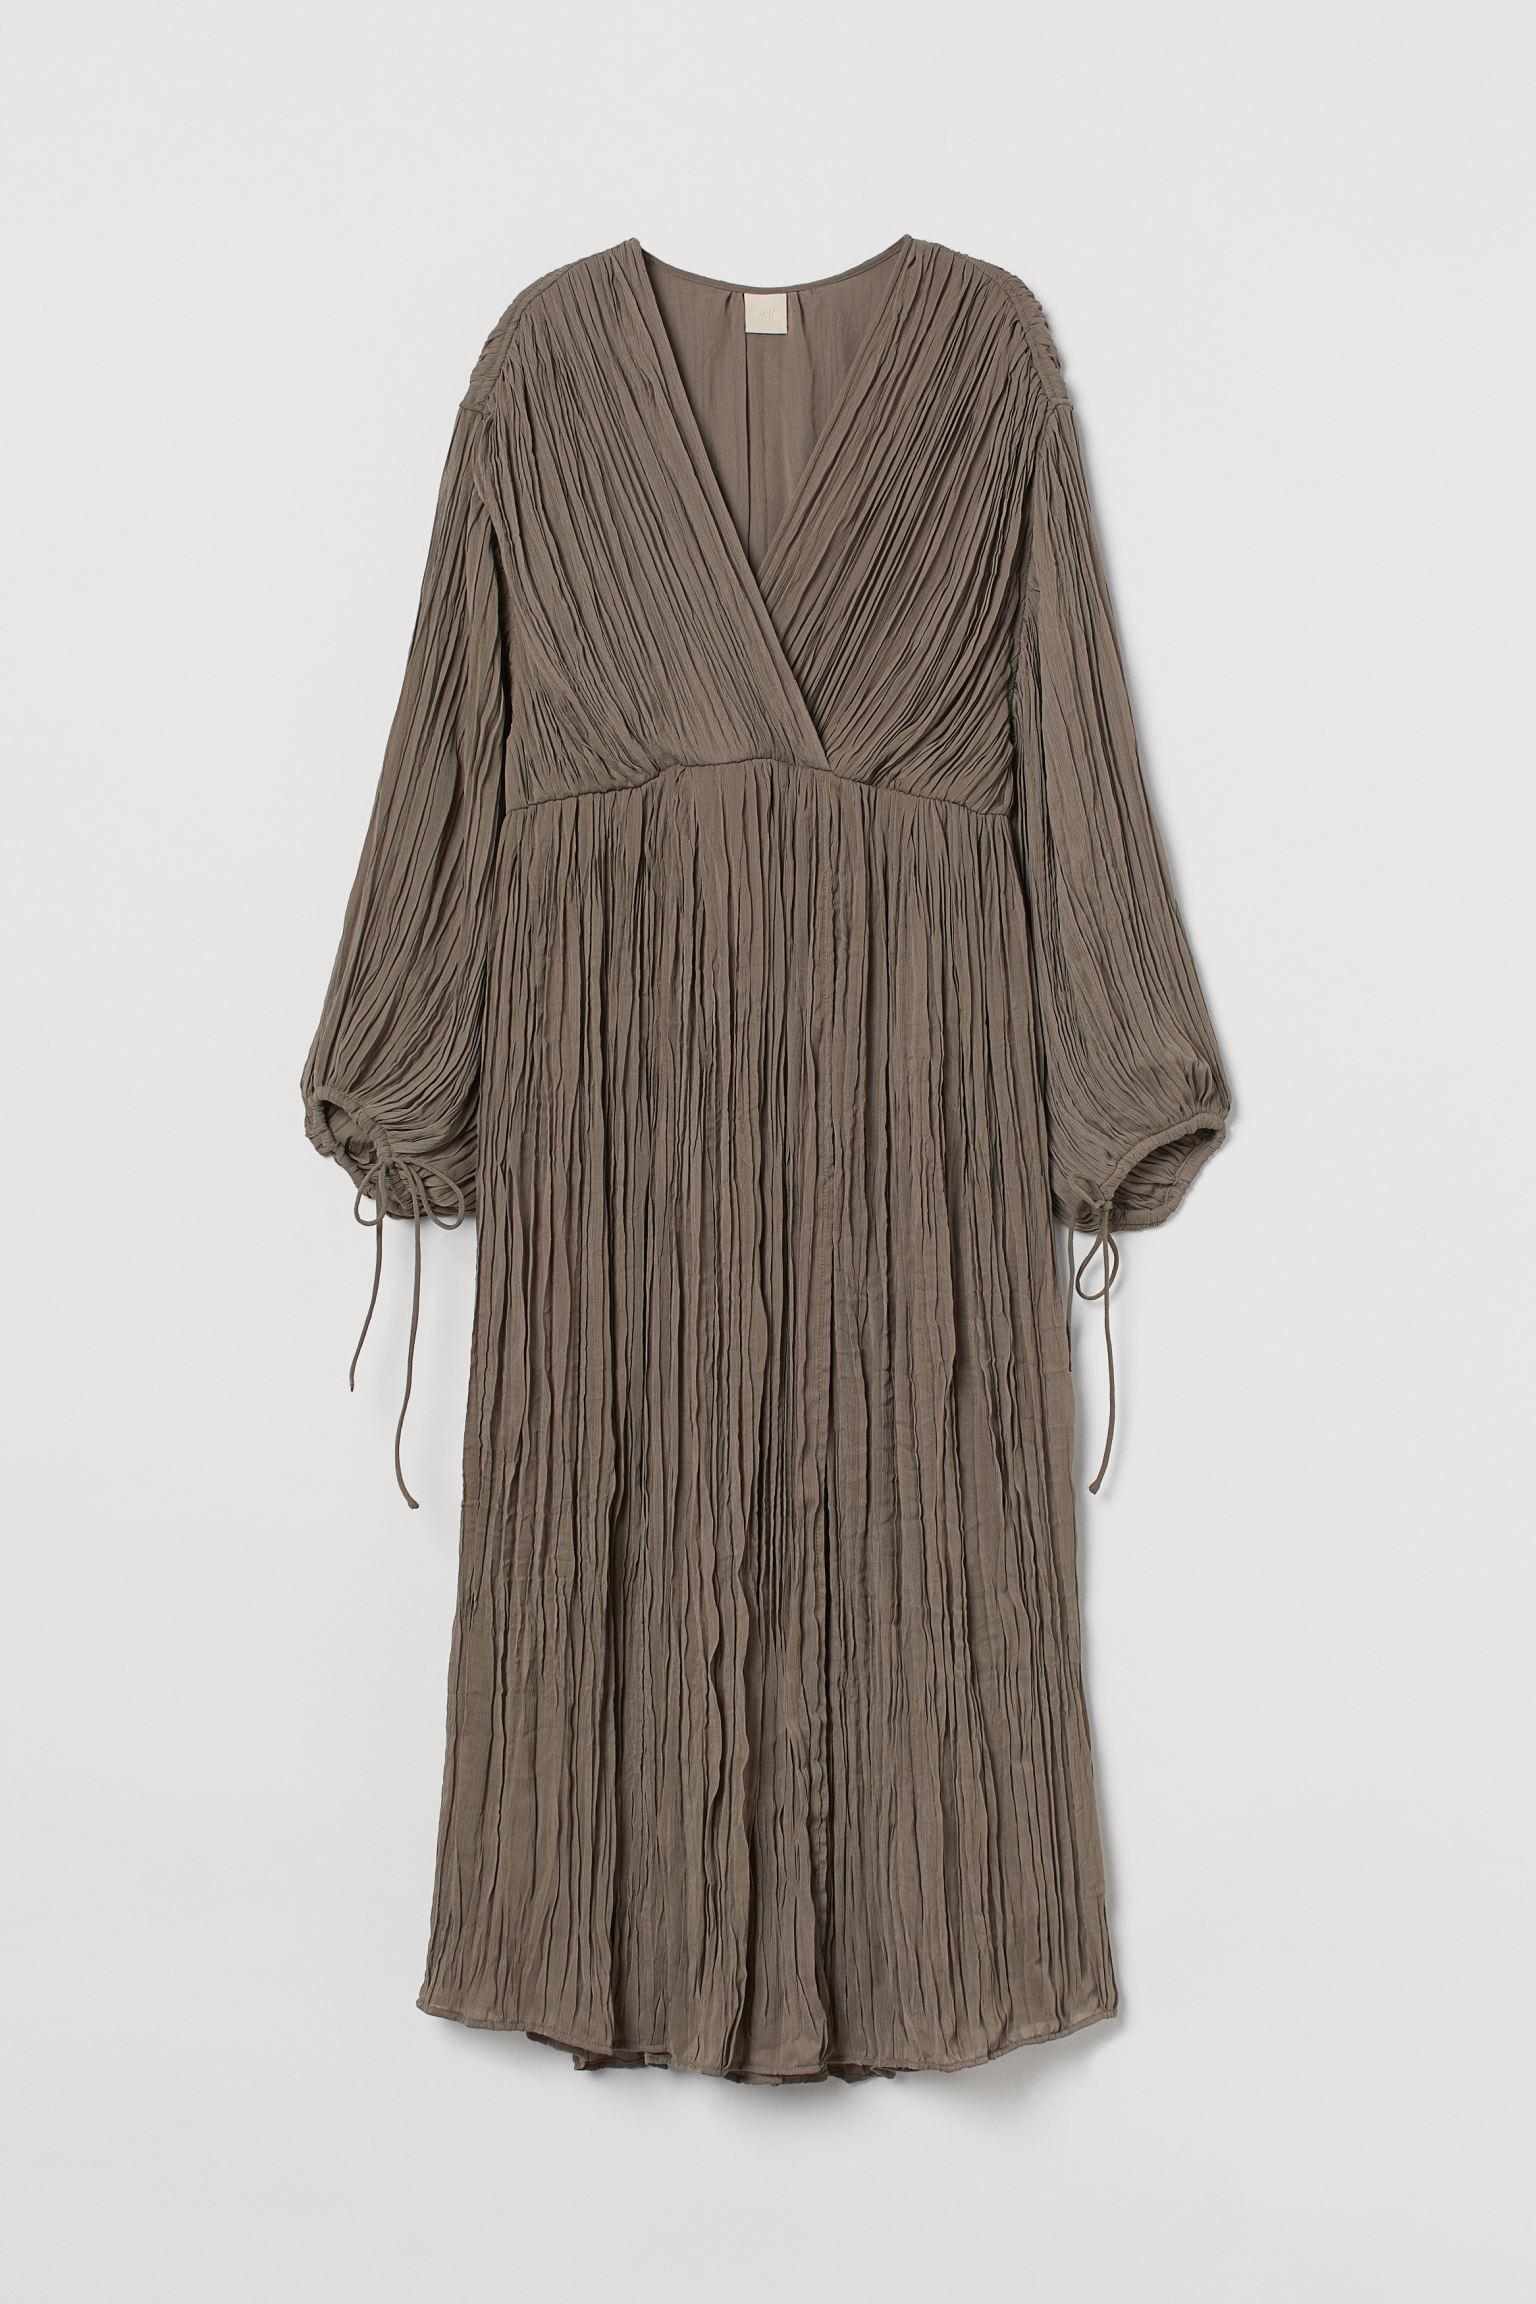 Vestido midi plisado con mangas abullonadas